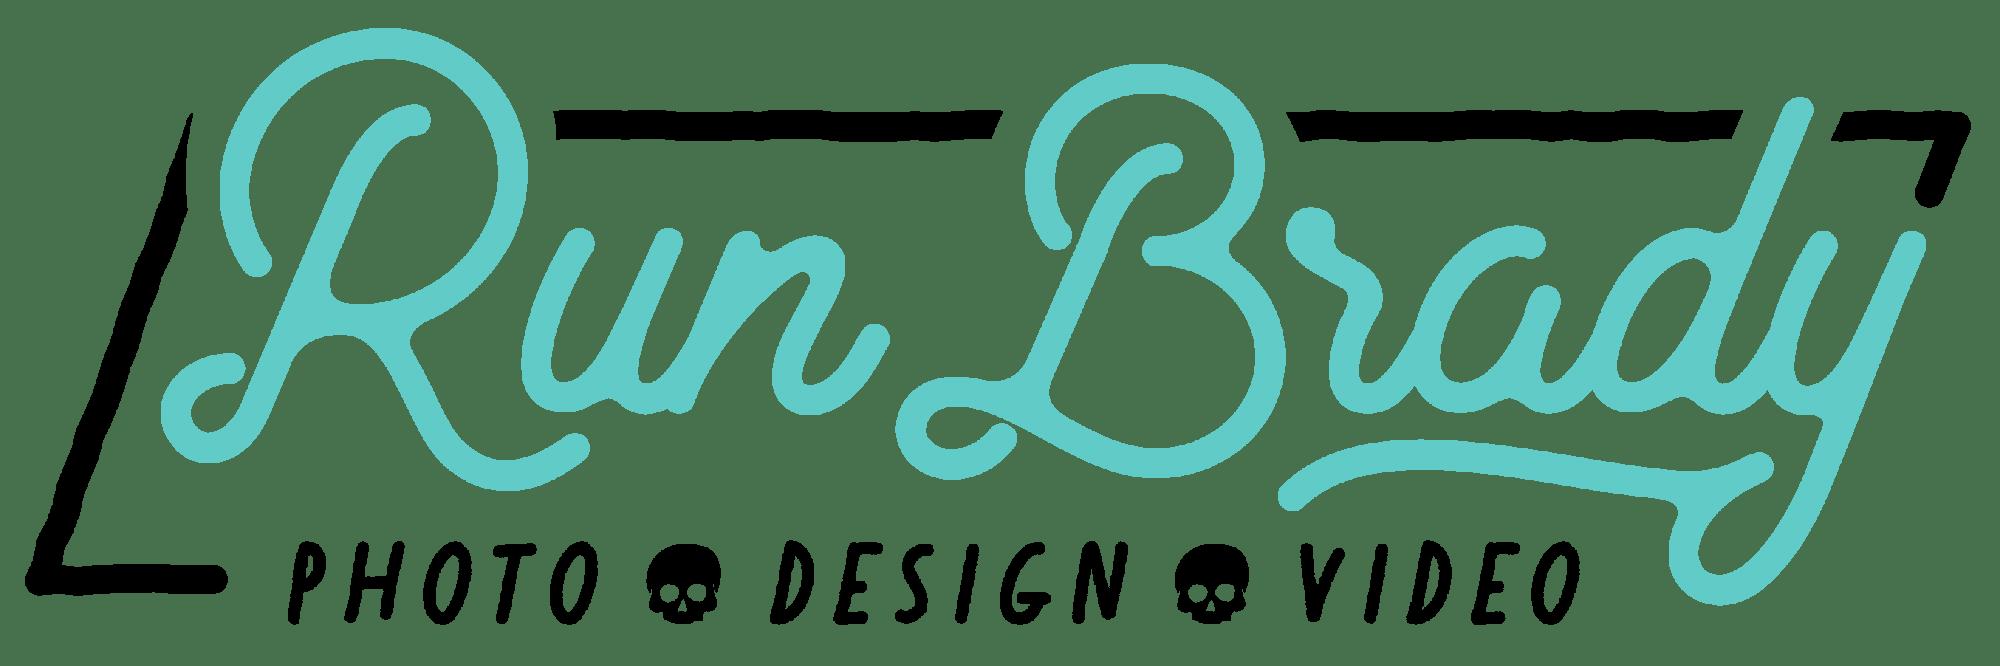 run brady logo